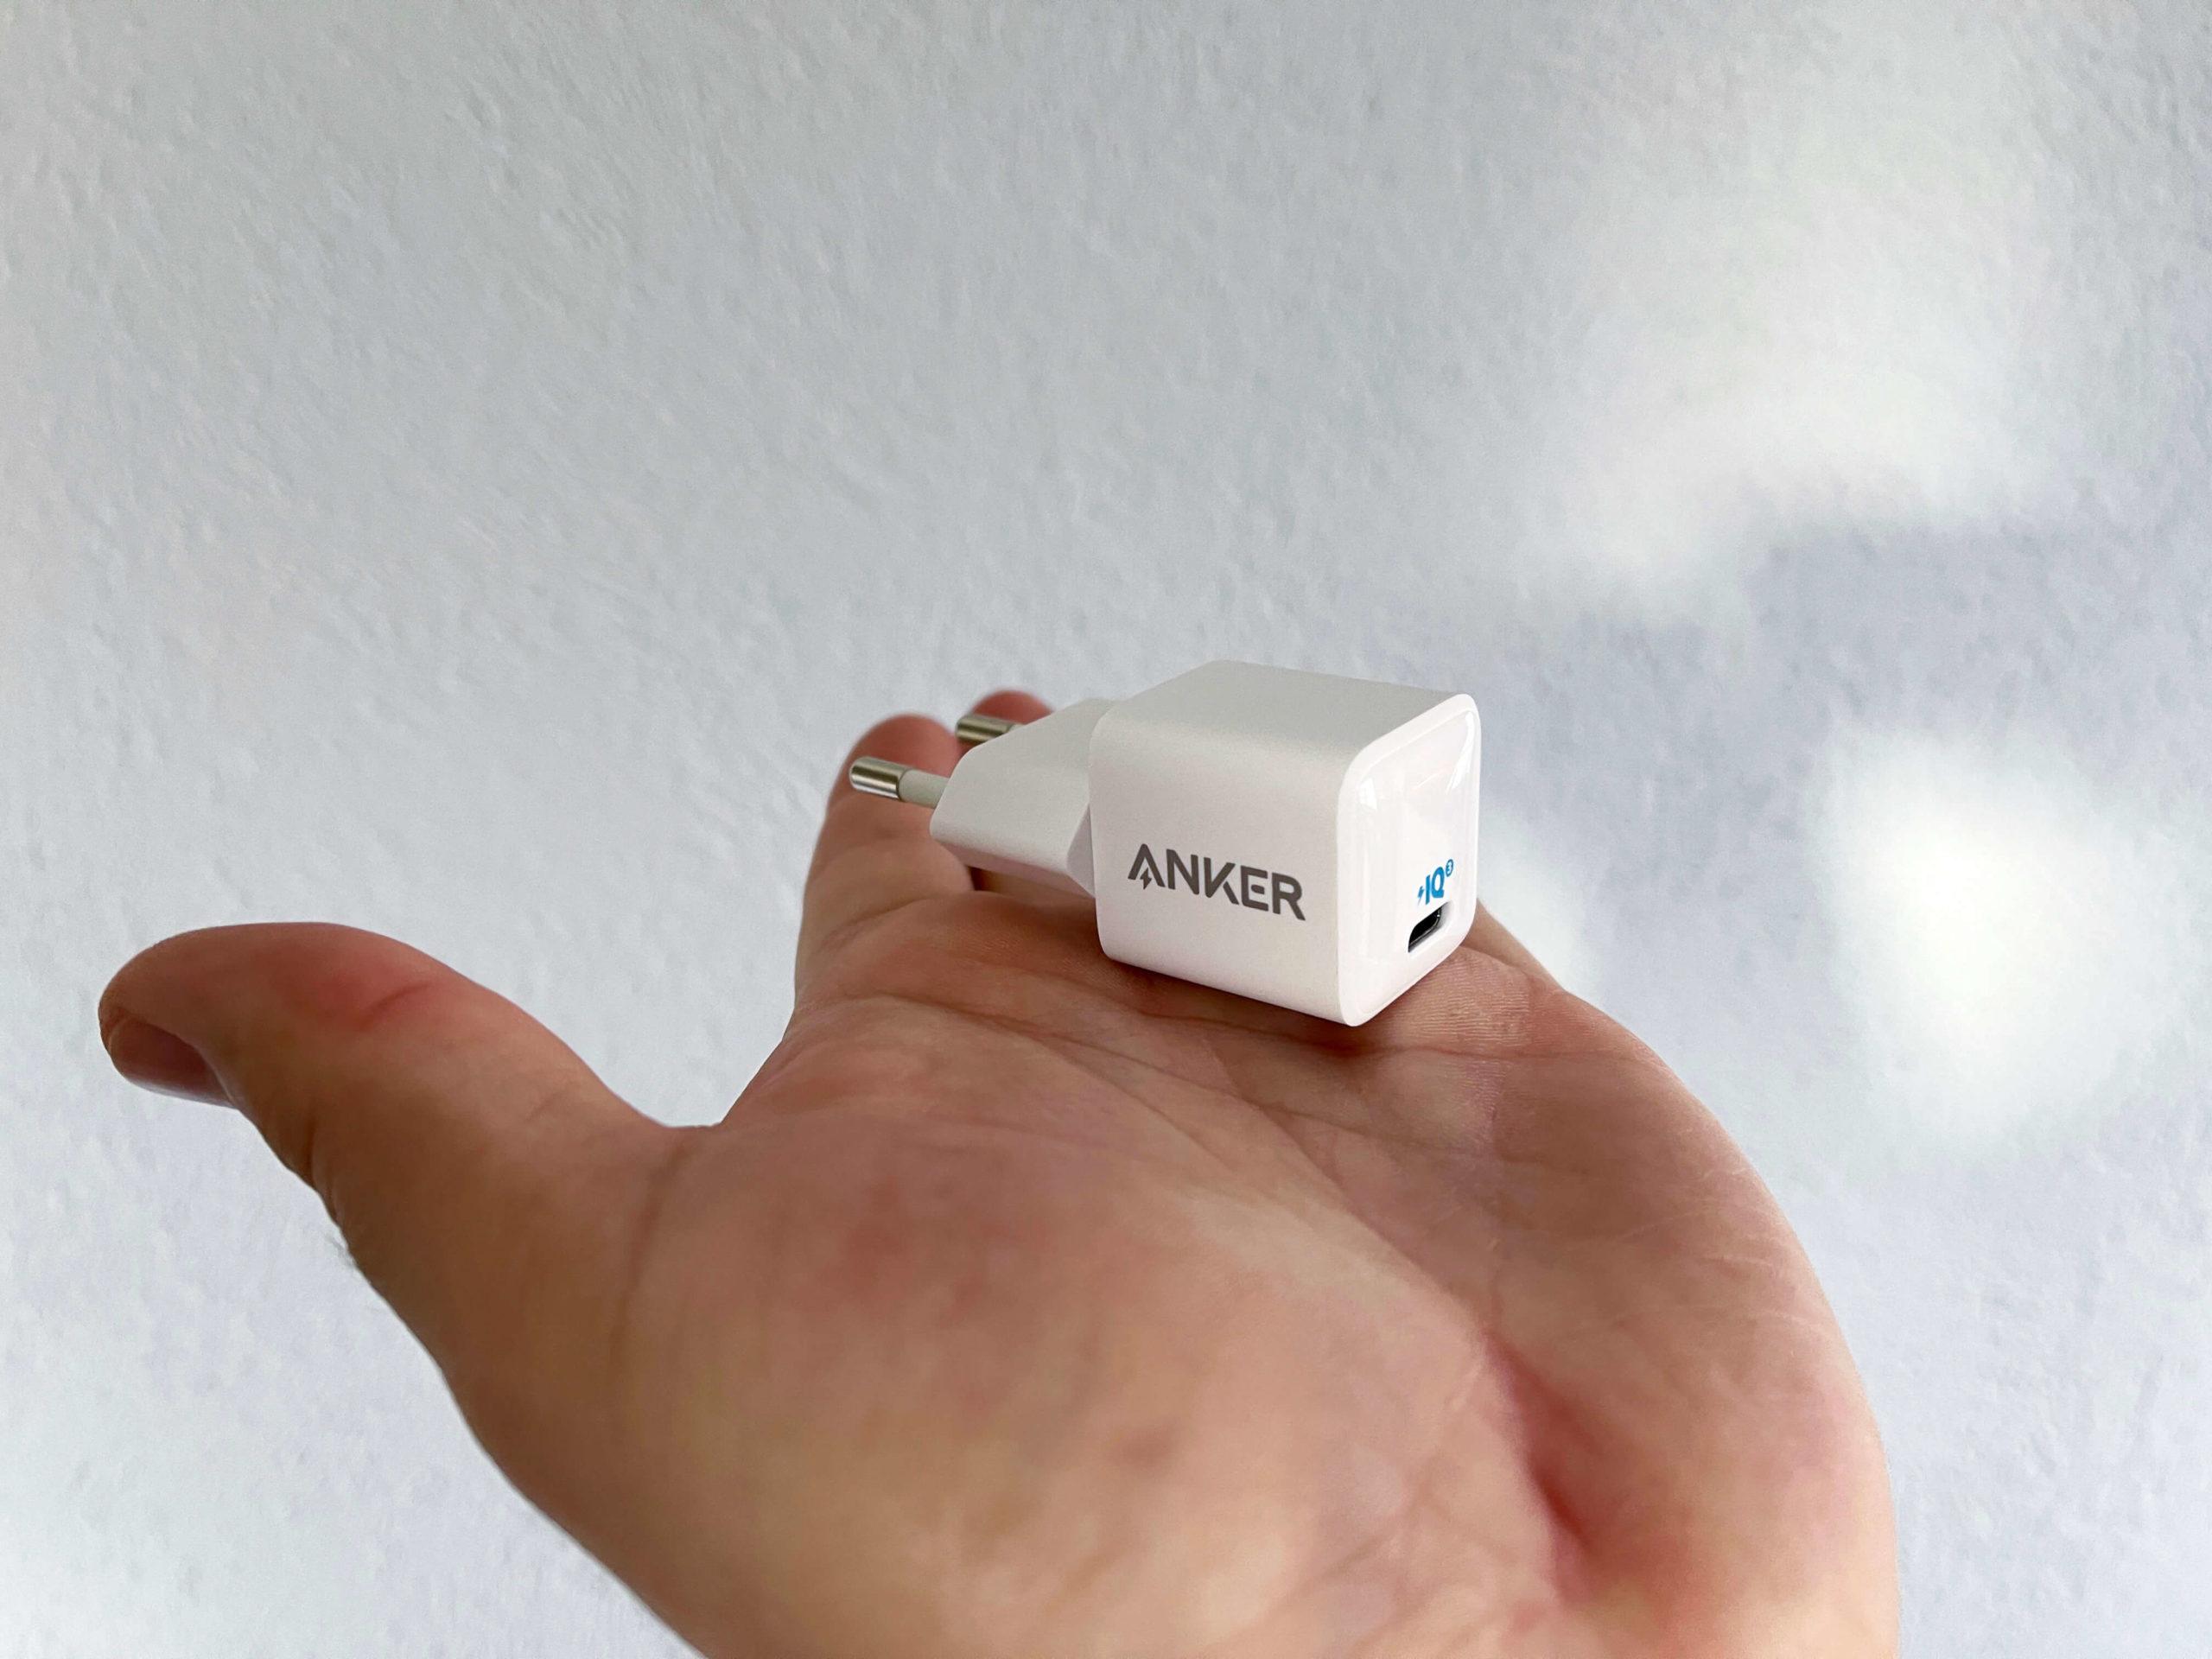 20-Watt-Ladegeraet-mit-USB-C-PD-3.0-von-Anker-klein-und-kraftvoll1-scaled PowerPort 3 von Anker - 20 Watt via USB-C Power Delivery 3.0 im Handformat